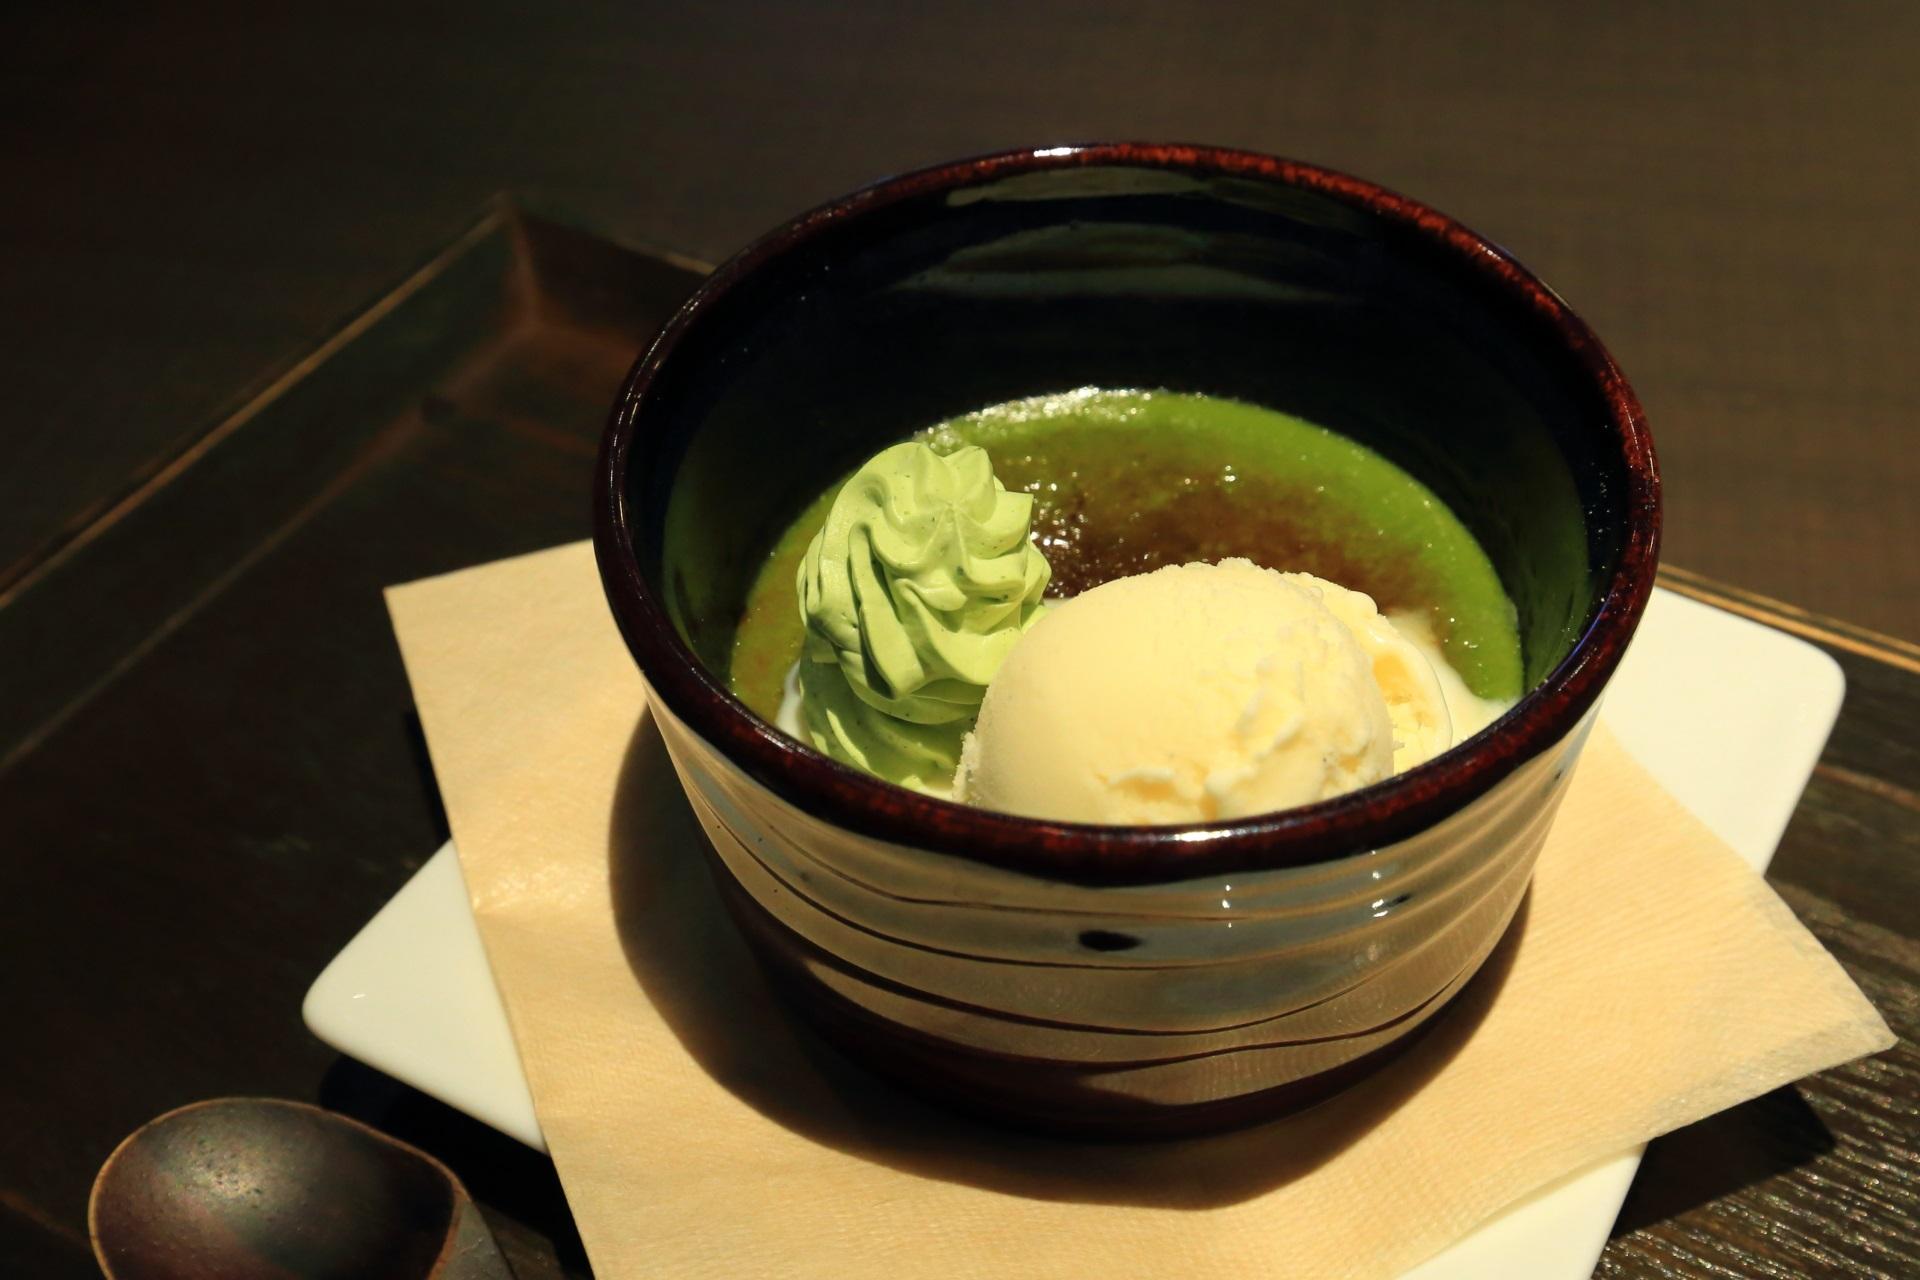 お濃い抹茶プリンせっと 茶寮翠泉(さりょうすいせん) 京都の甘味処 抹茶とプリンのおもてなし